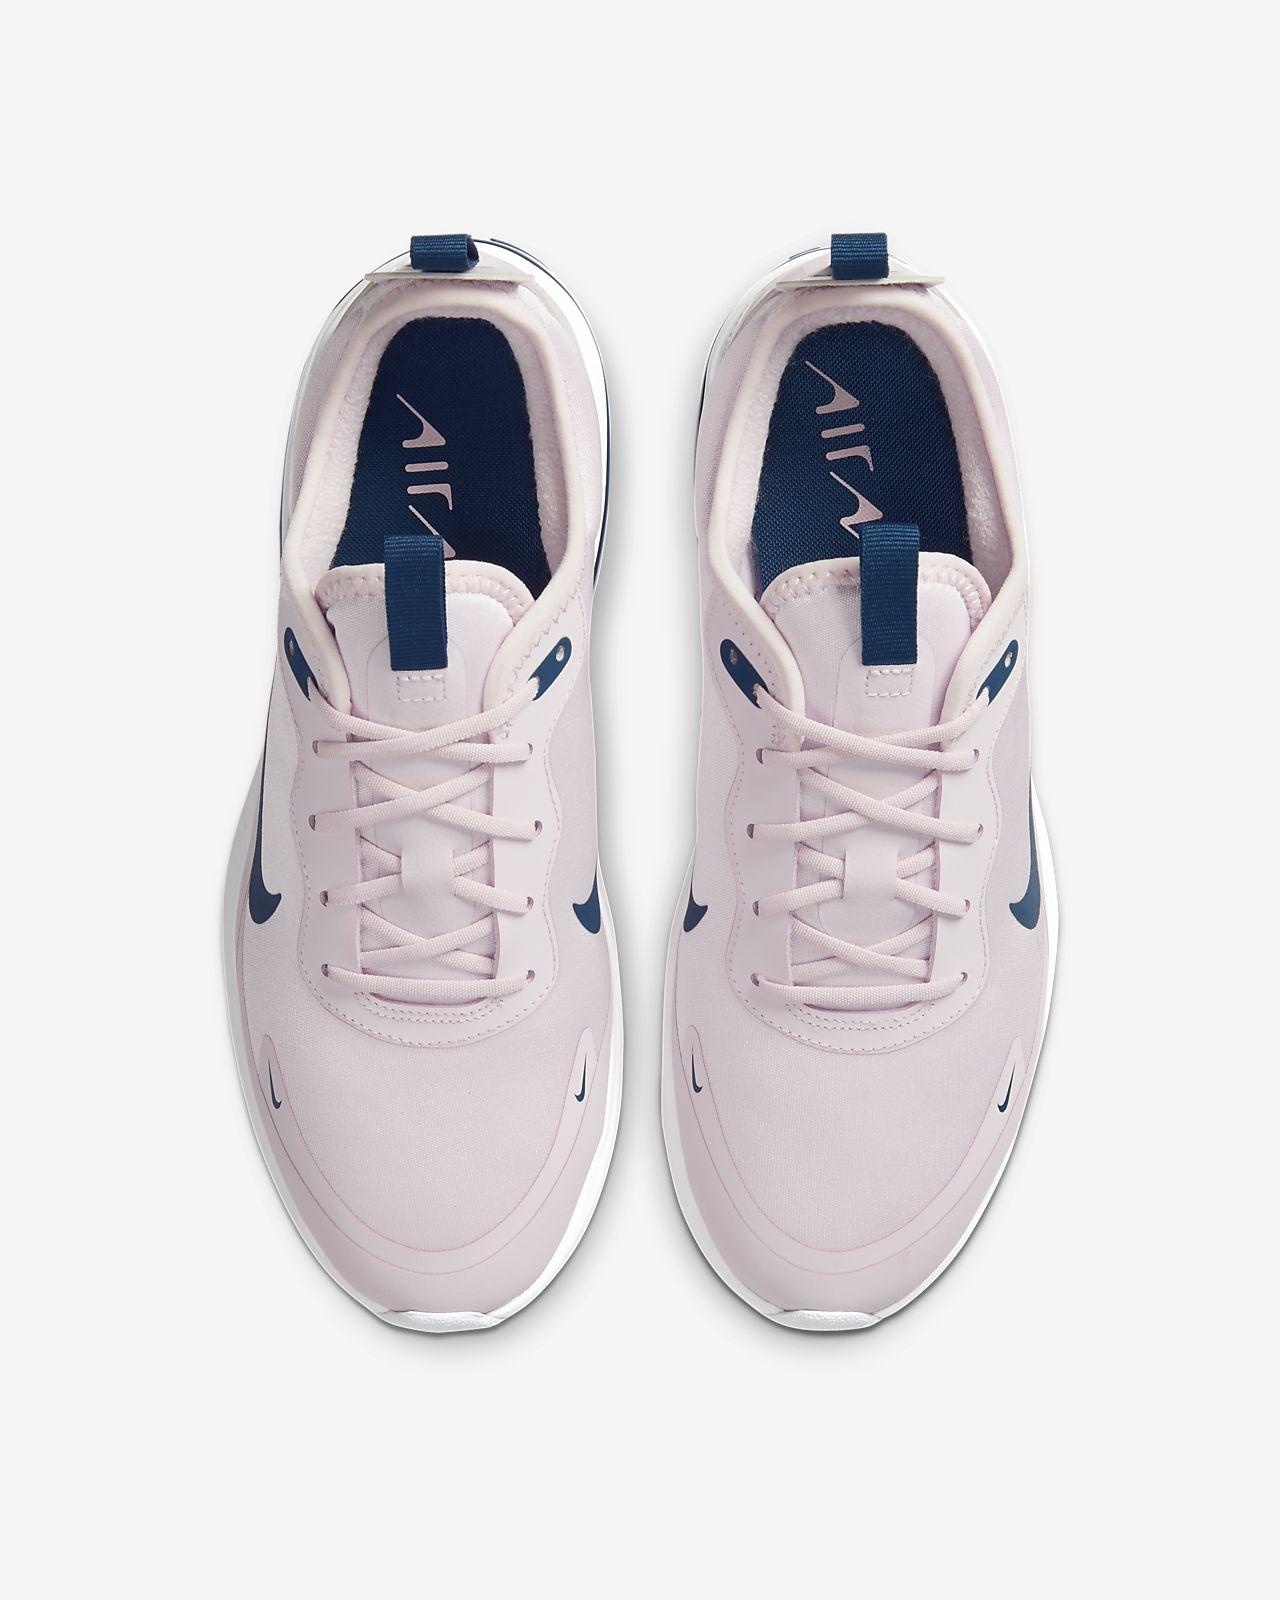 Extra für Frauen: So sieht der neue Nike Airmax Dia aus